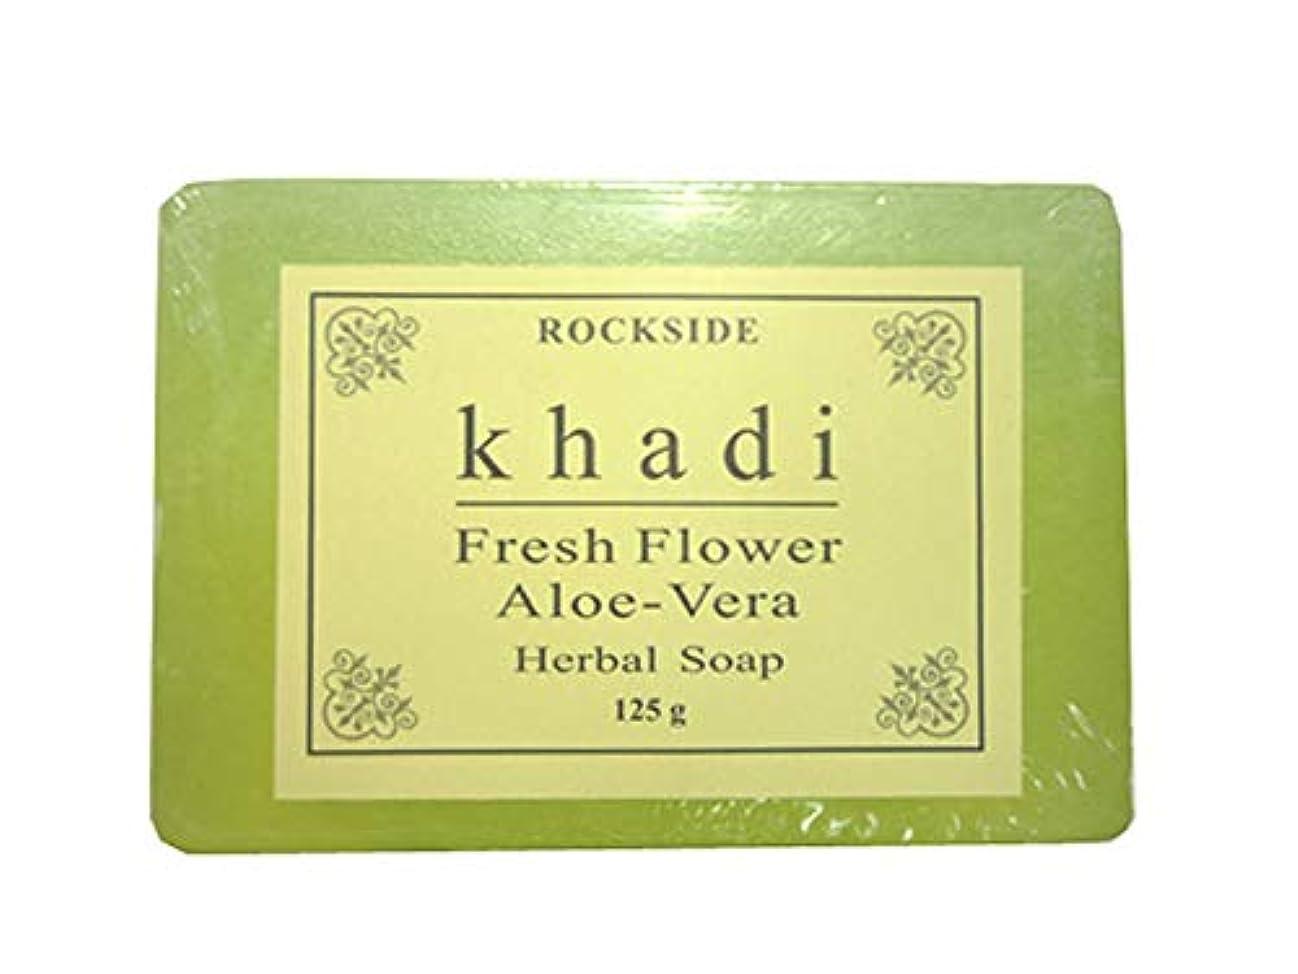 手作り  カーディ フレッシュフラワー2 ハーバルソープ Khadi Fresh Flower Aloe-Vera Herbal Soap